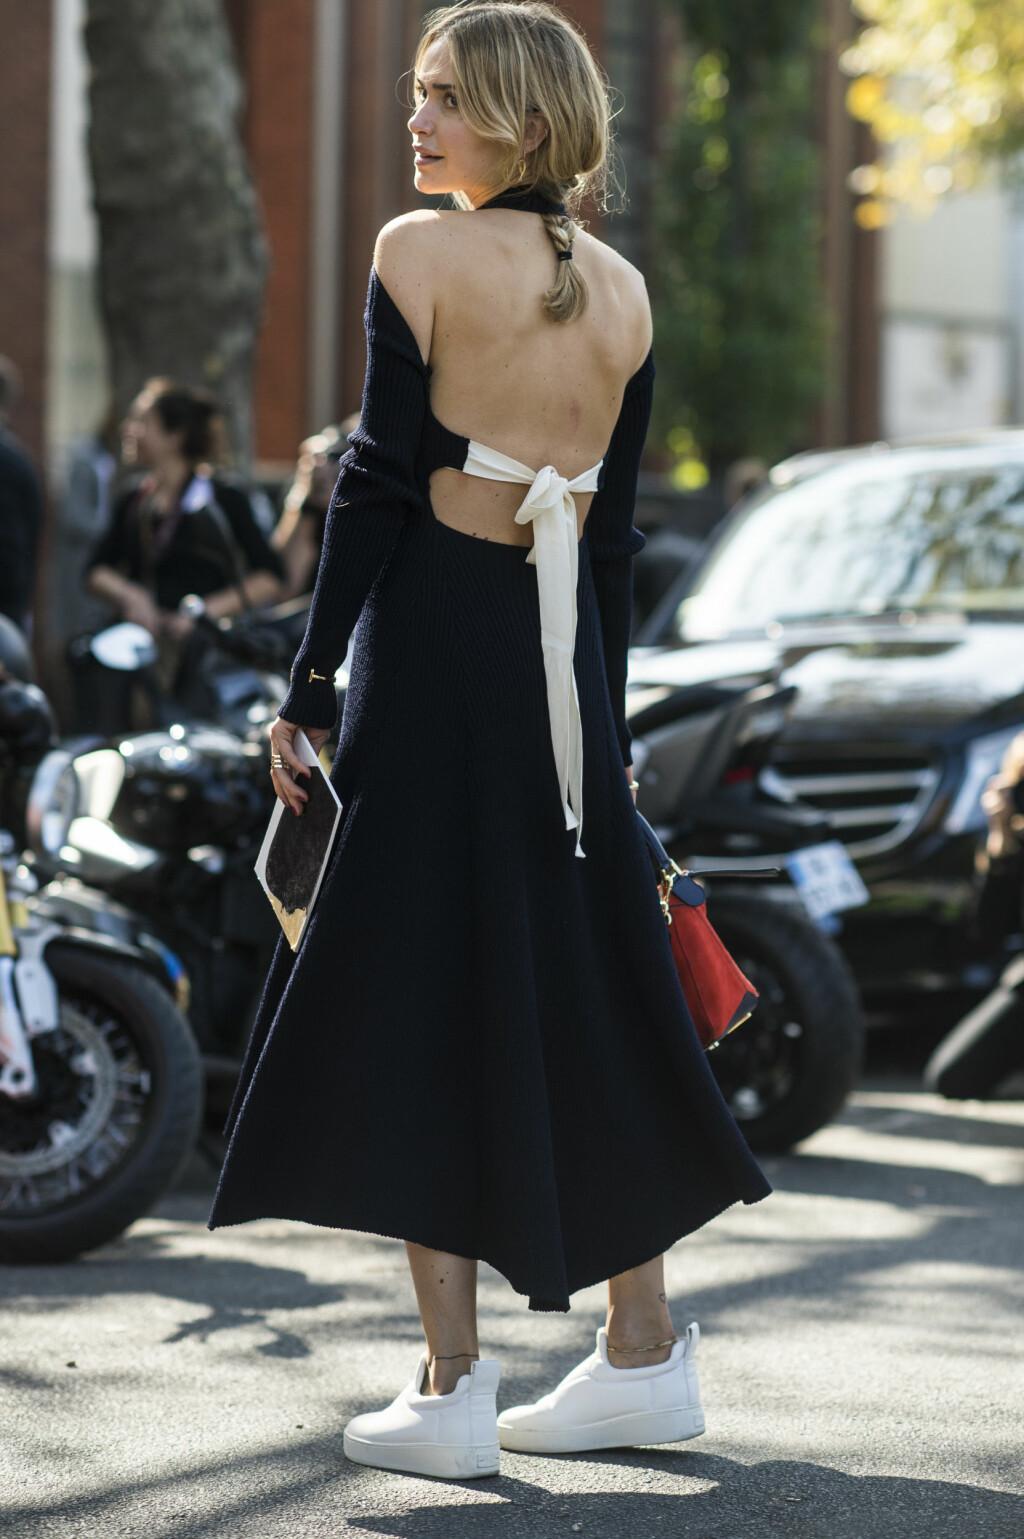 PYNTET MØTER AVSLAPPET: Vi elsker å kombinere sneakersene våre med kjoler! Kontrasten mellom det pyntede og det mer avslappede er så kult.